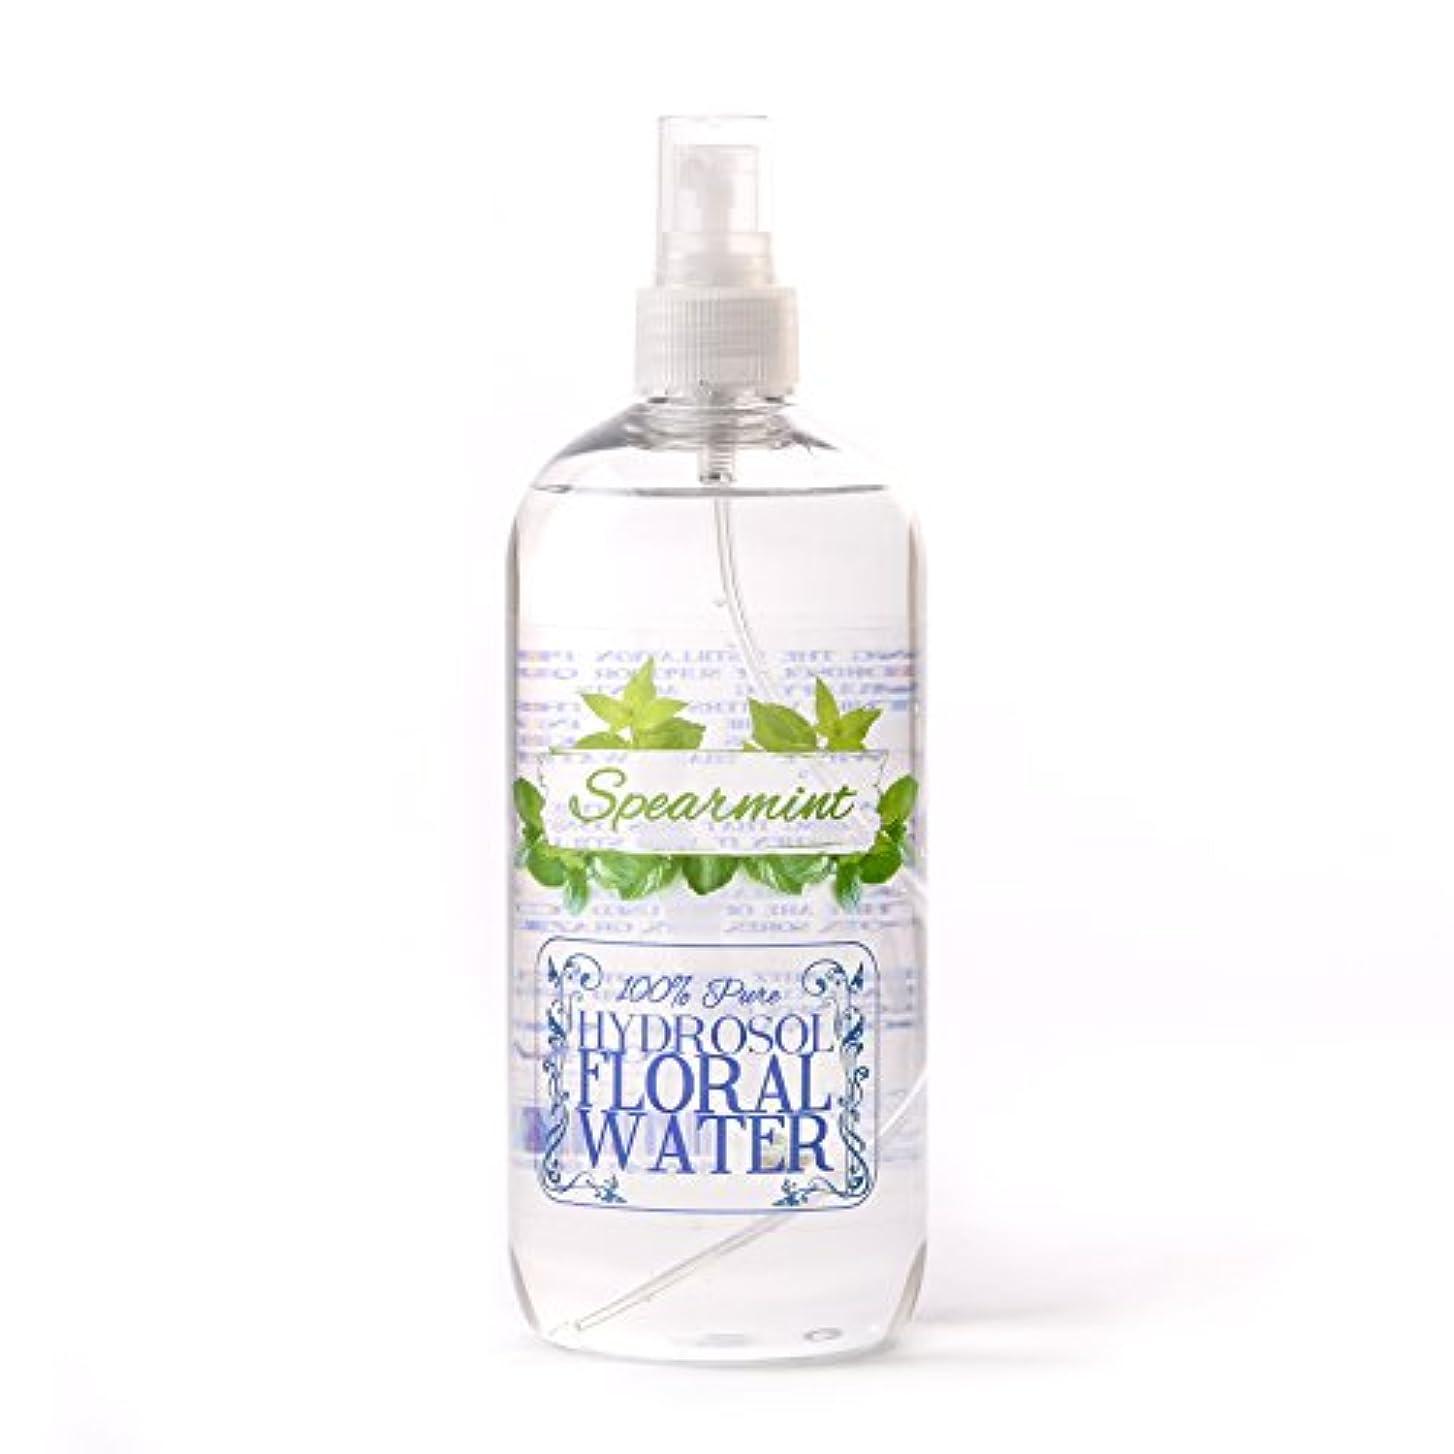 味付け音責Spearmint Hydrosol Floral Water With Spray Cap - 1 Litre